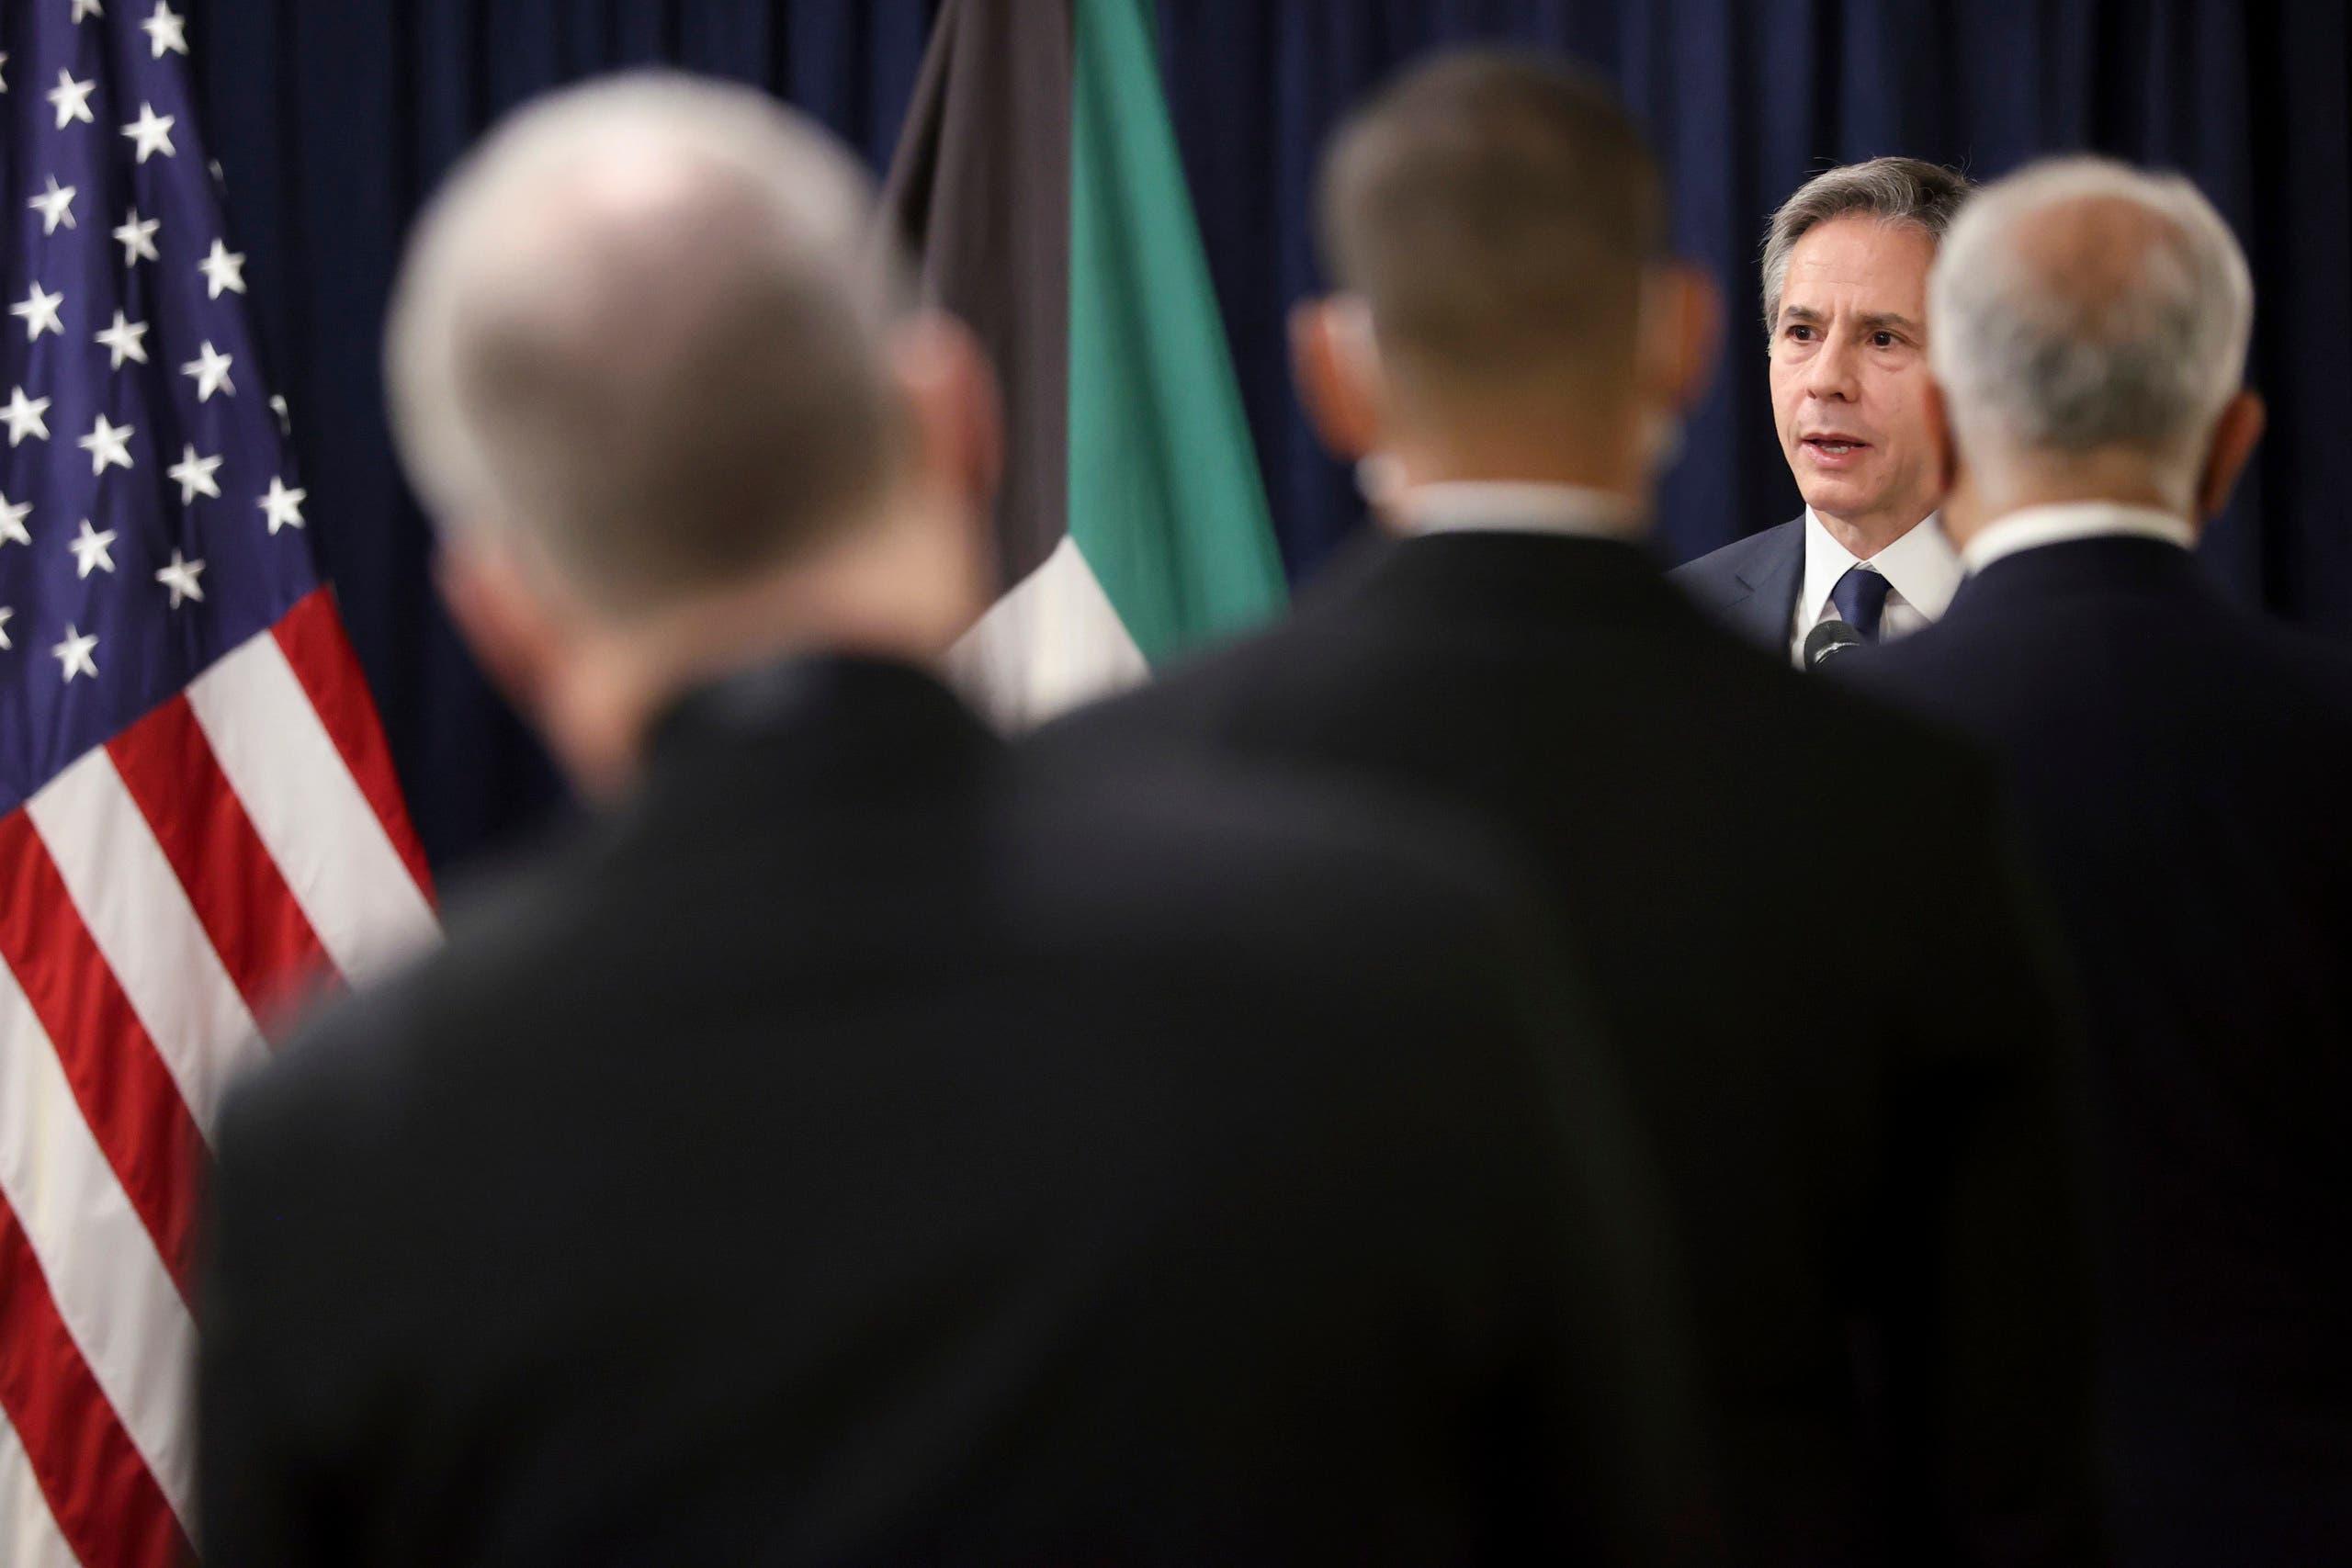 بلينكن يتحدث مع موظفي السفارة الأميركية في الكويت